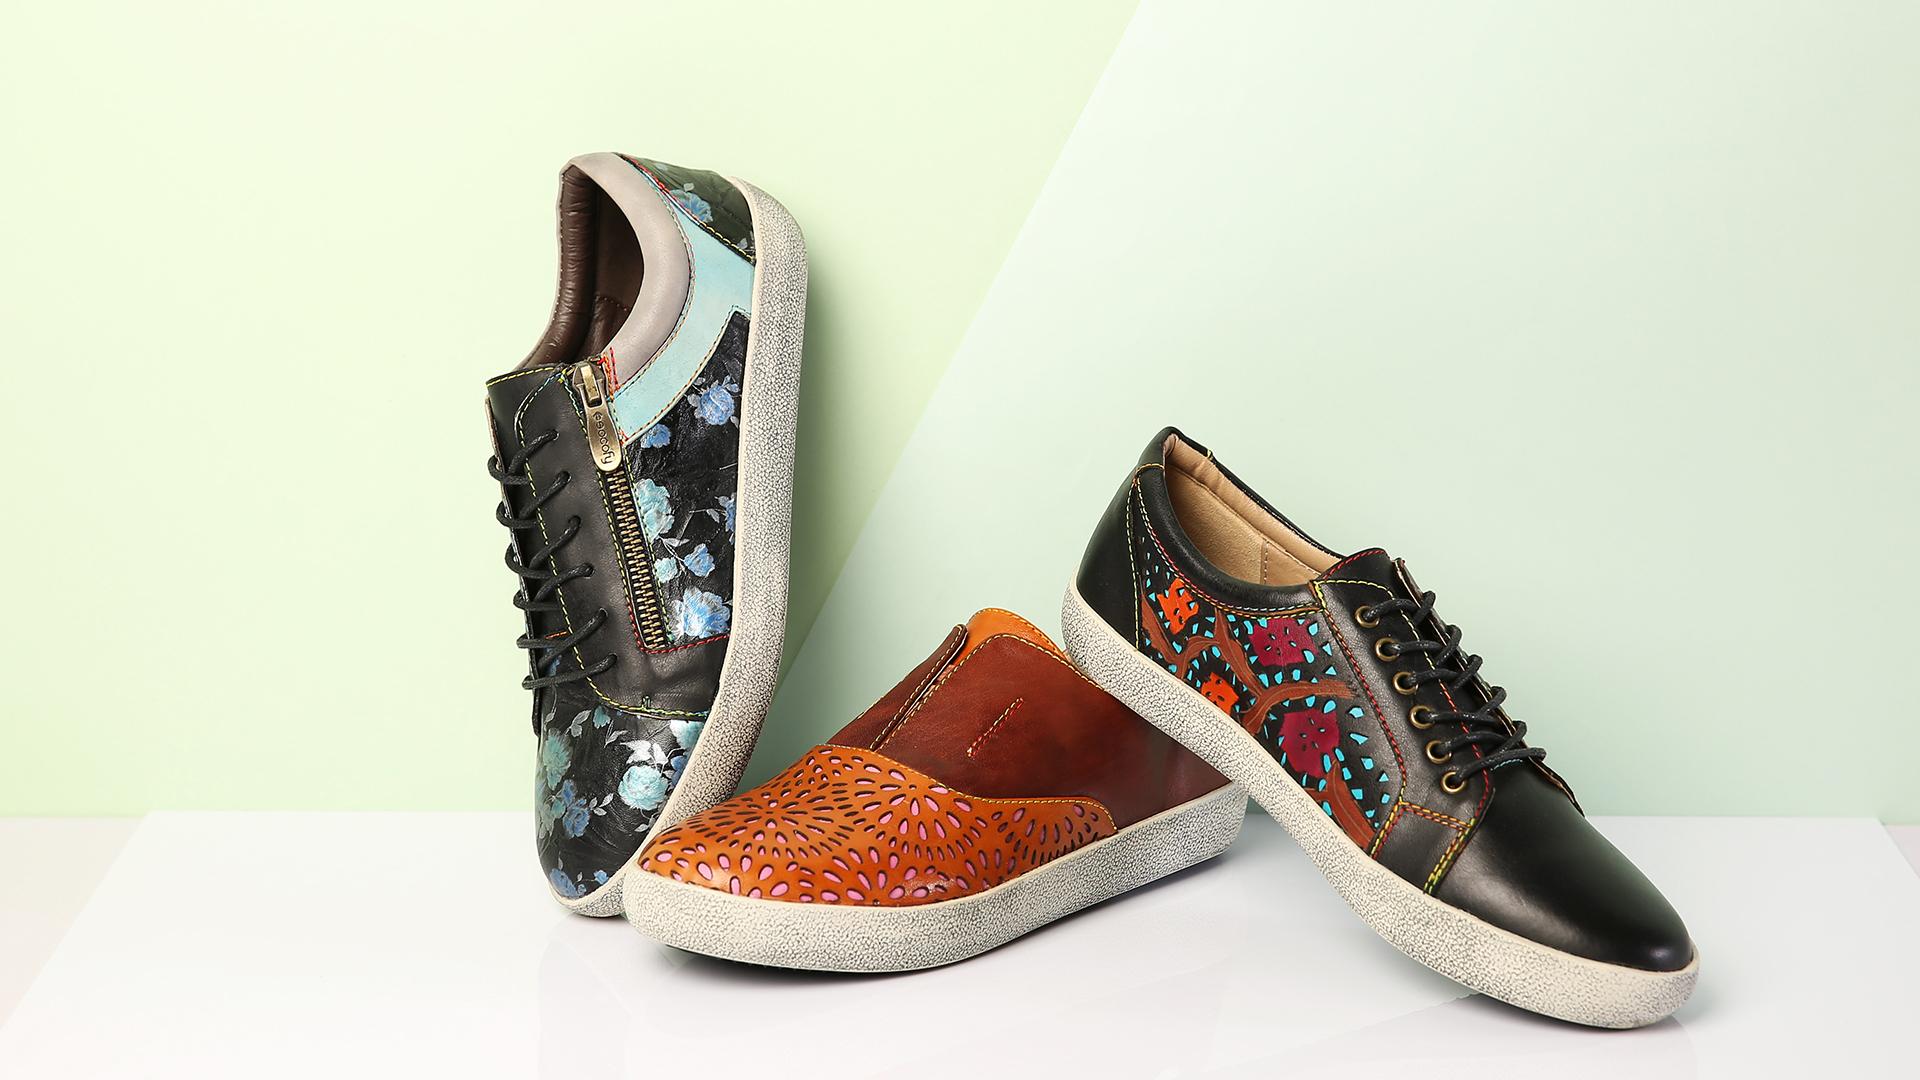 SOCOFY Vintage Sneakers